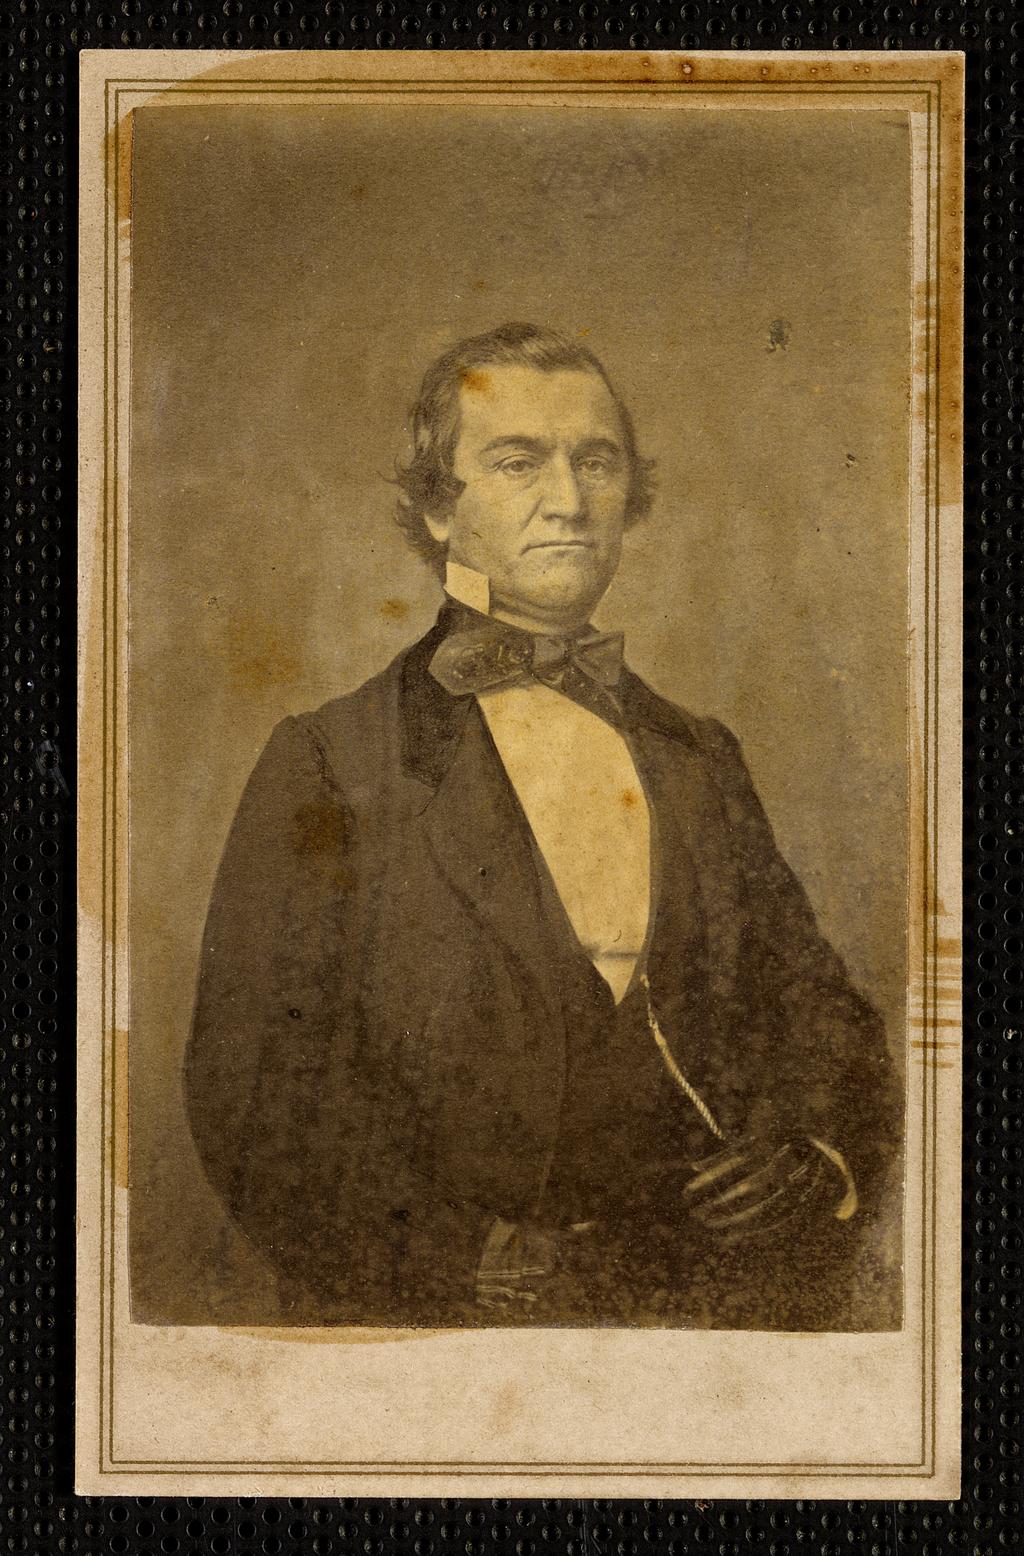 Сенатор от штата Алабама Уильям Лаундс Янси, Конфедеративные Штаты Америки